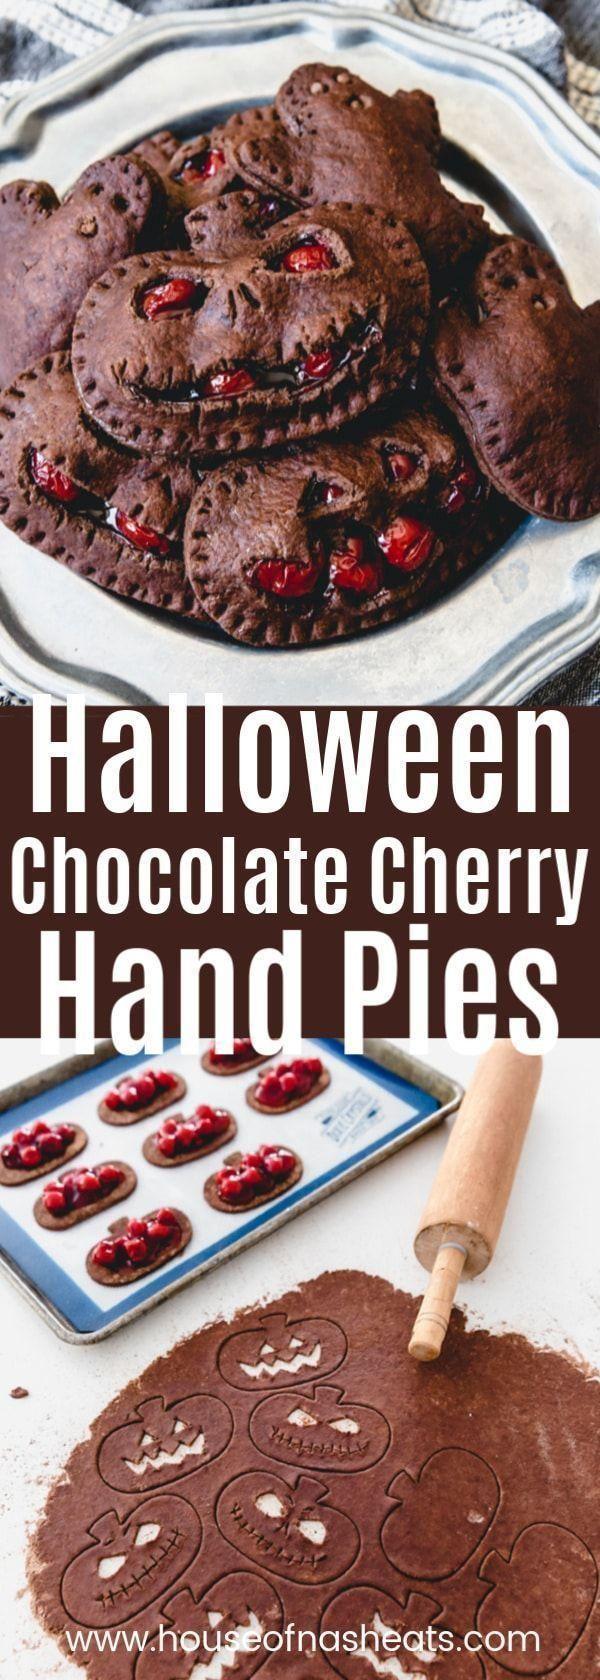 Halloween Chocolate Cherry Hand Pies - Cherry Hand Pies - Rezepte -